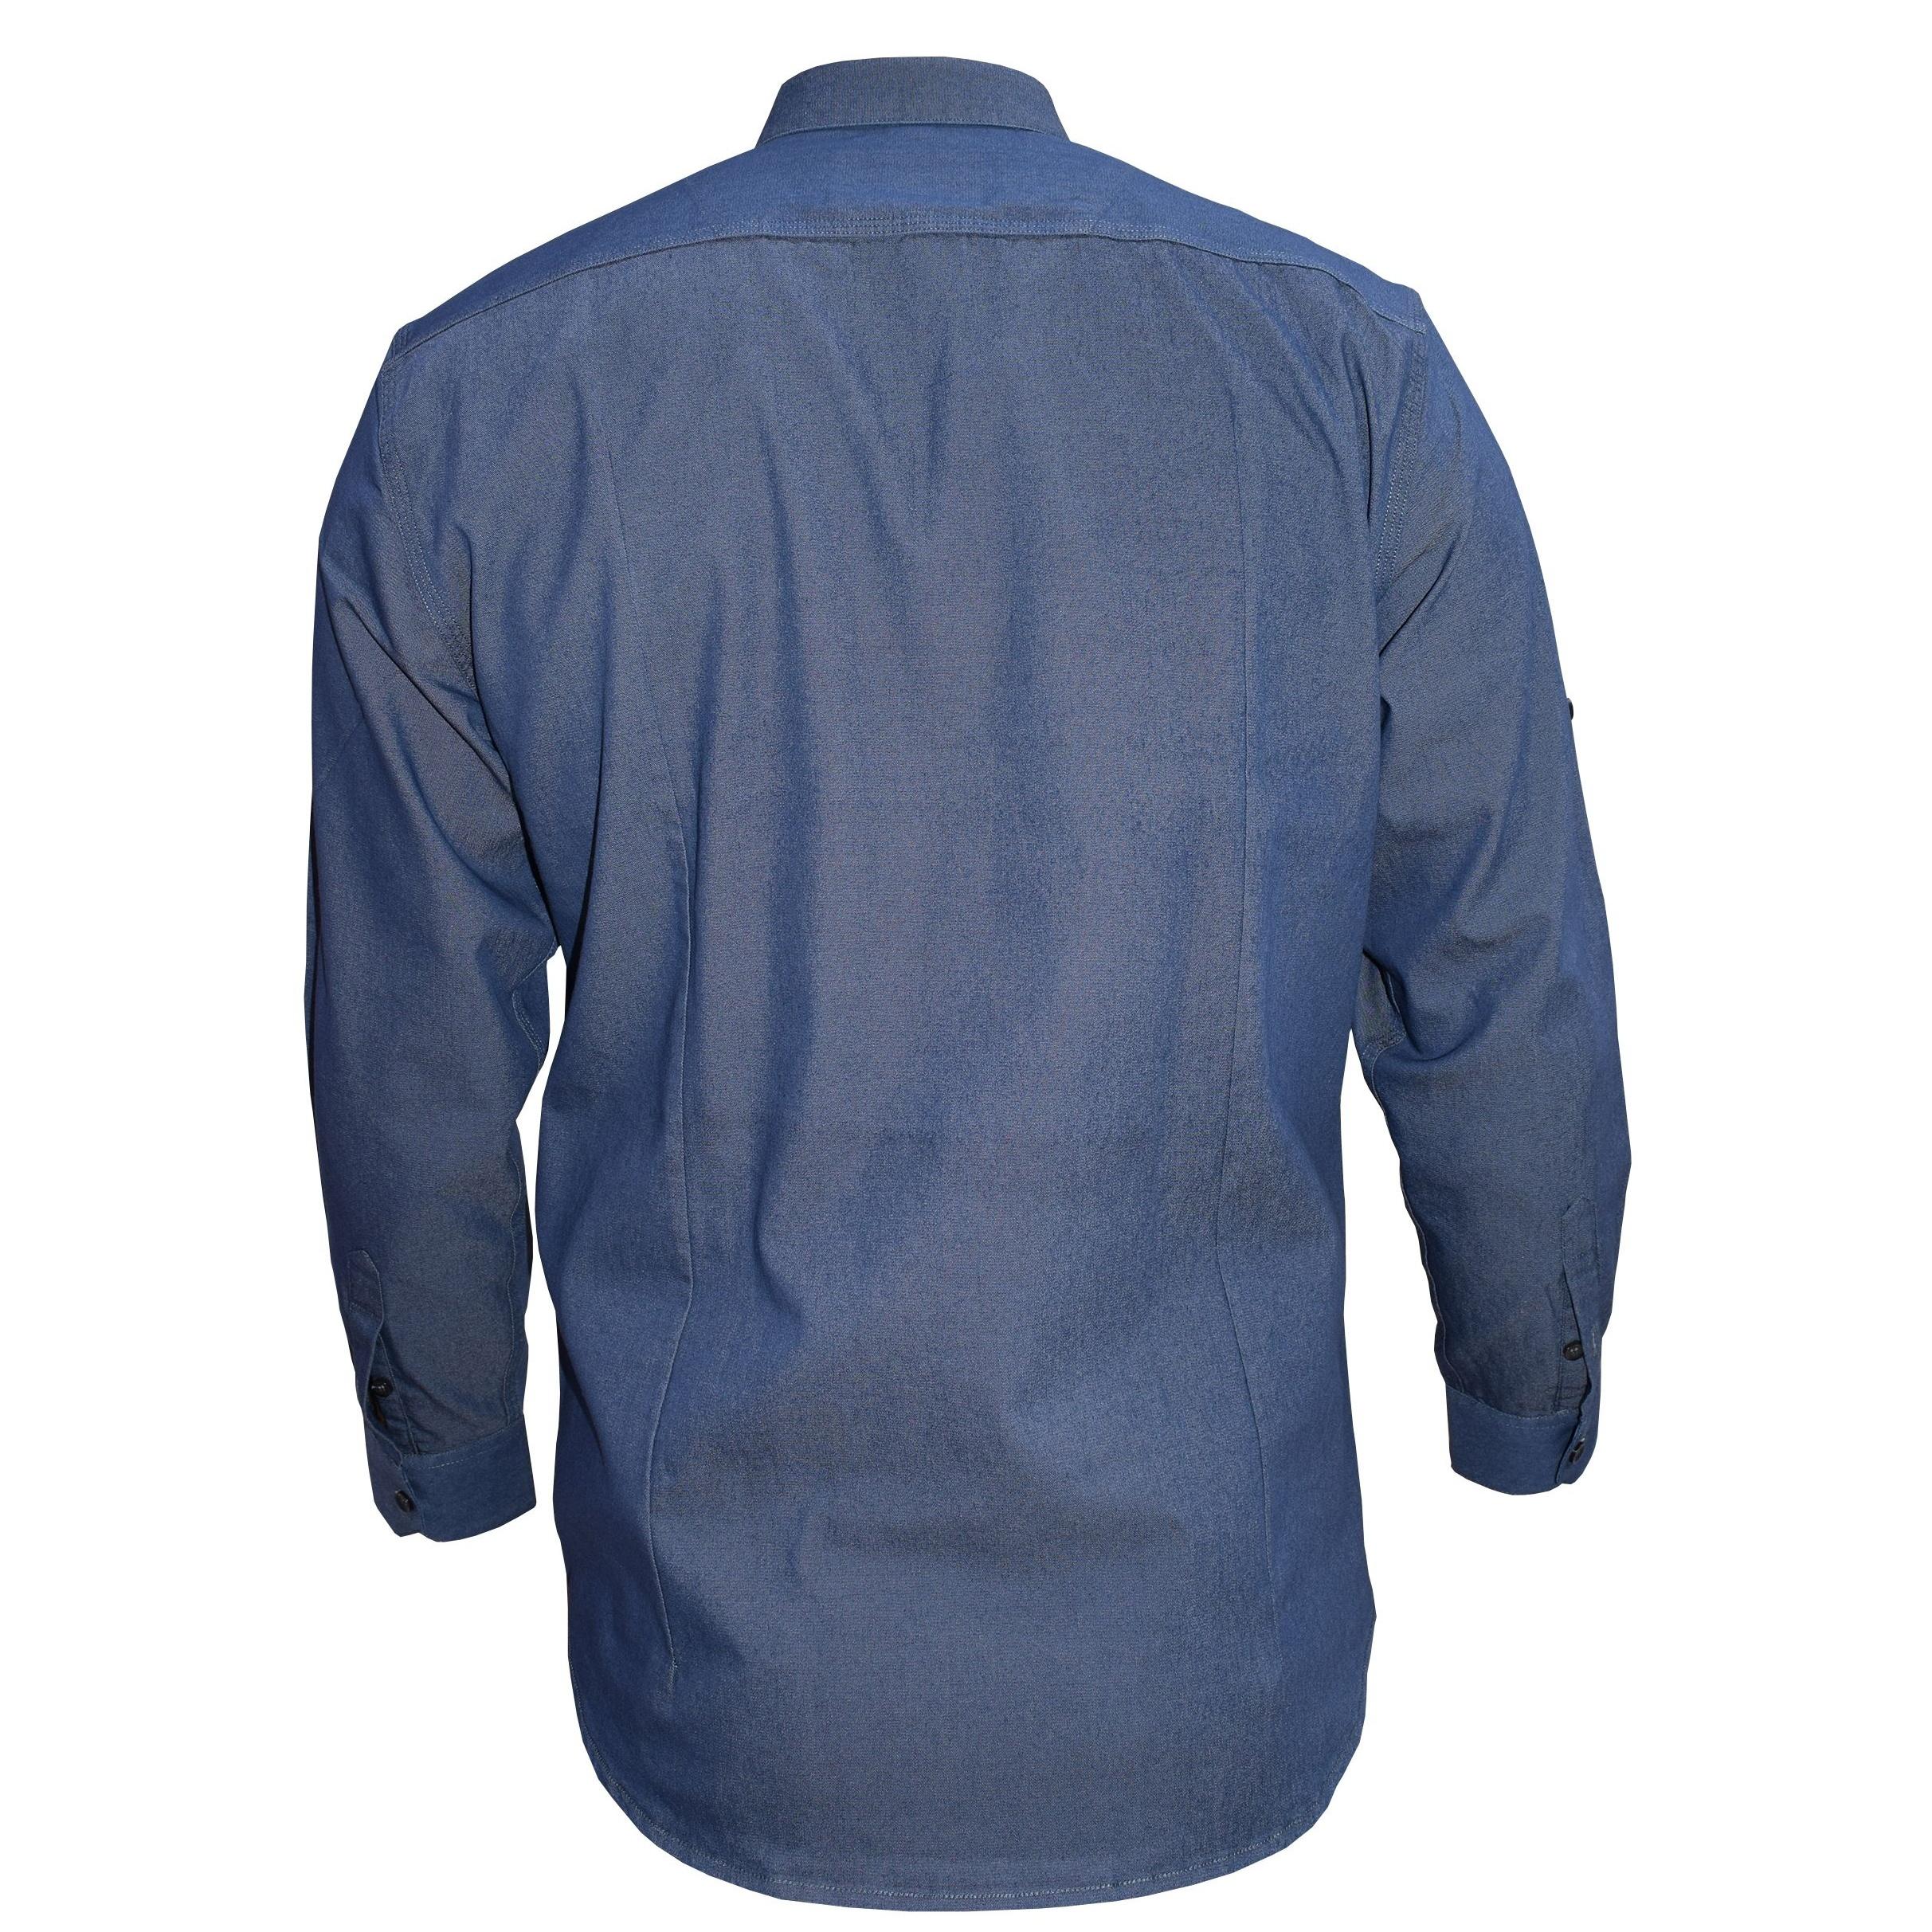 پیراهن مردانه پایتی جامه کد 2043138 main 1 6